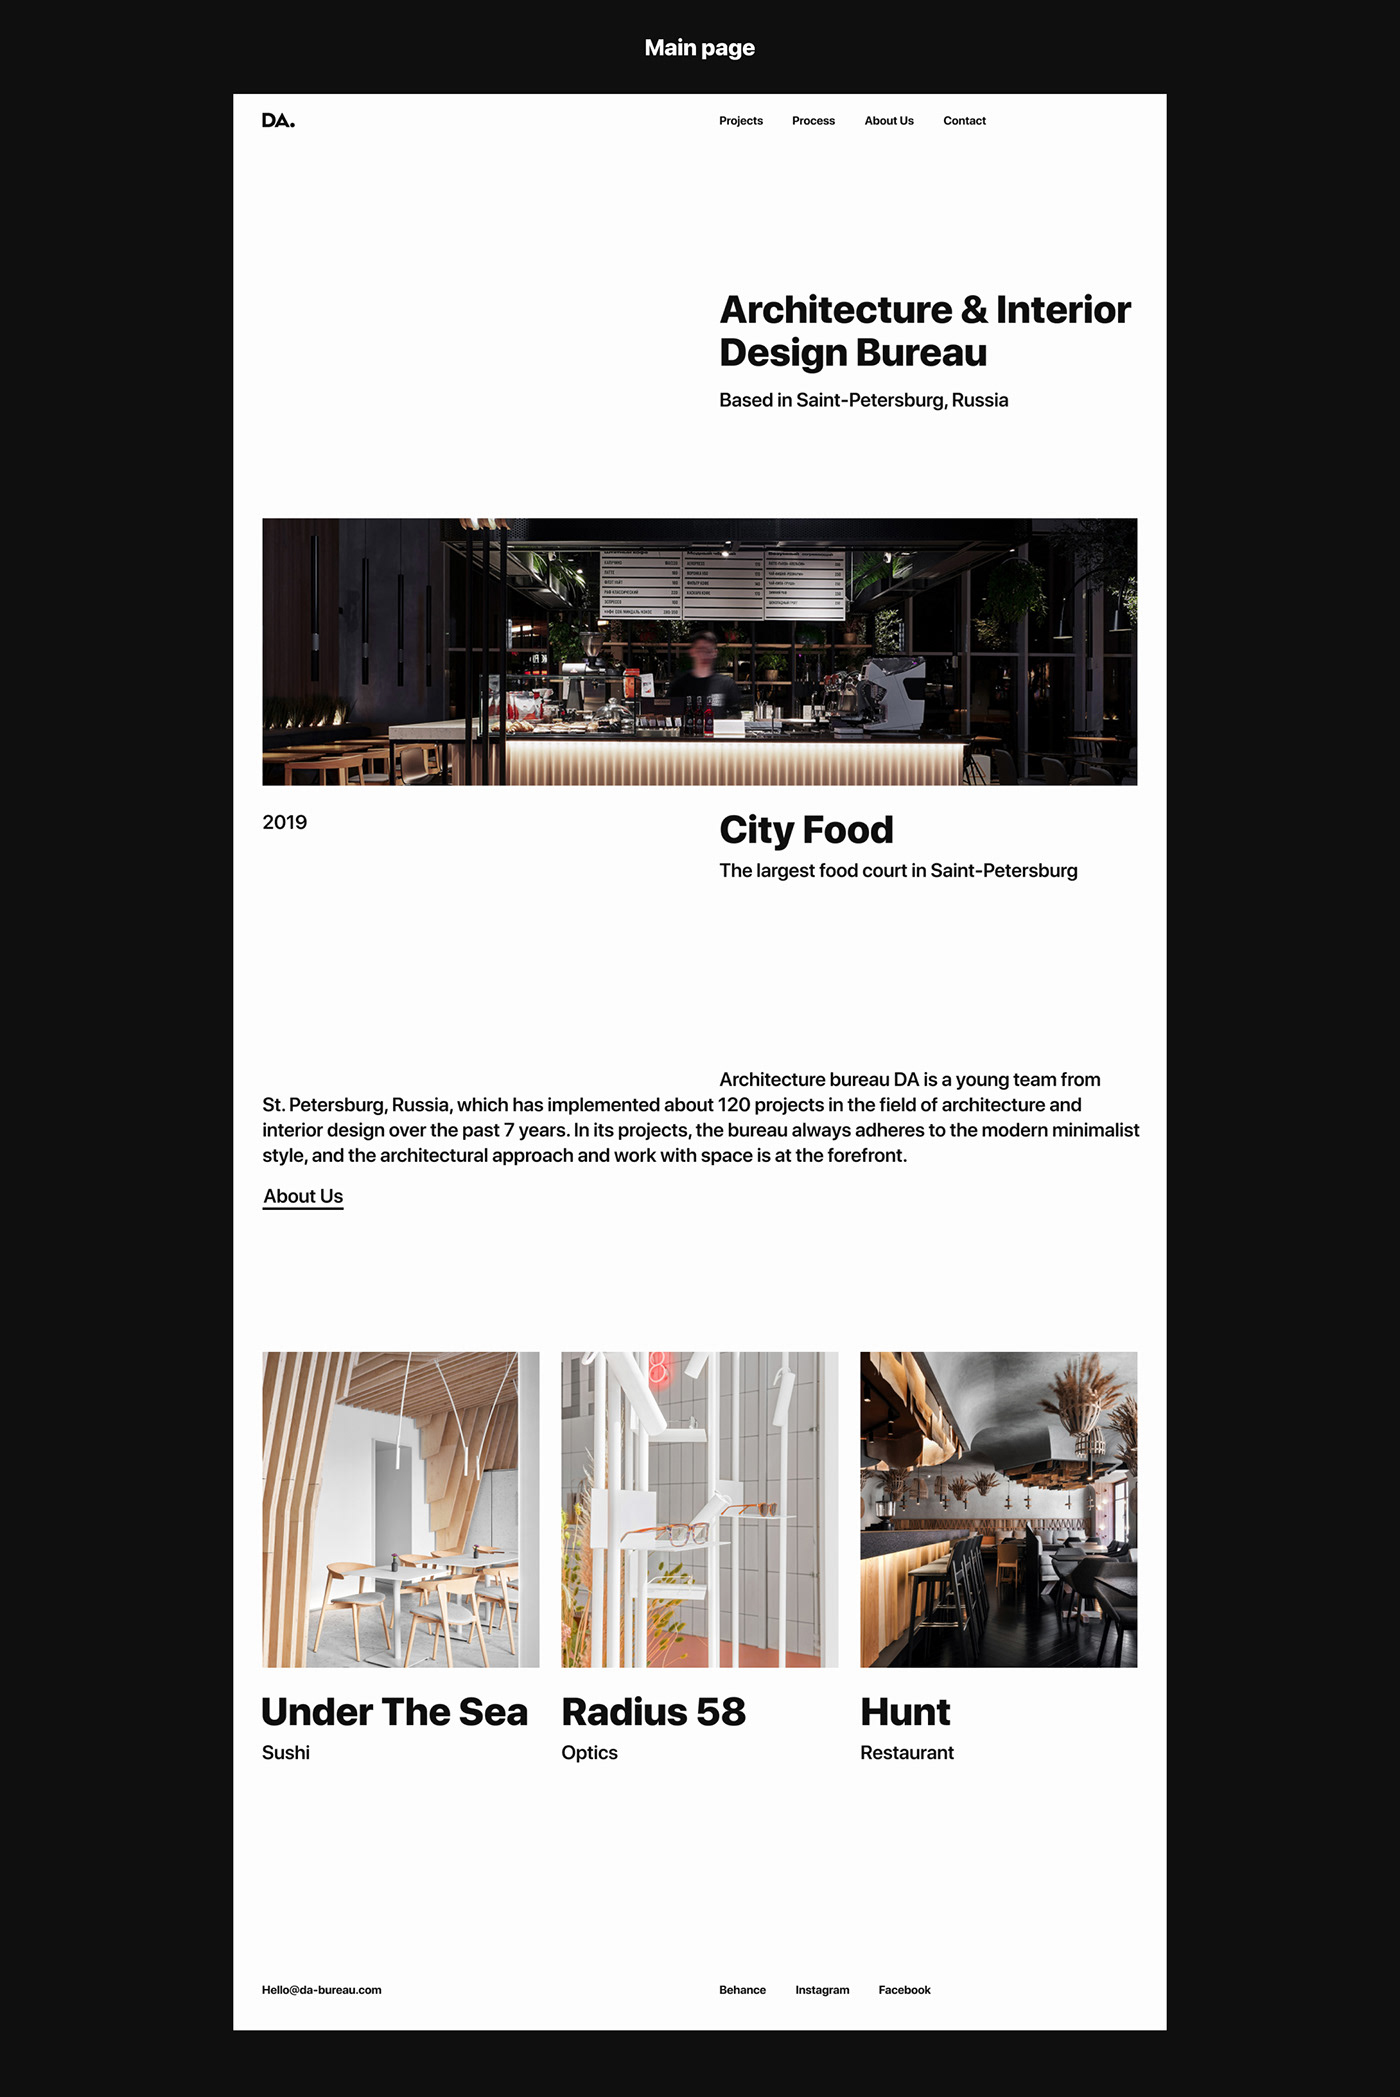 architecture bureau Architecture website Minimalism minimalist website minimalistic design white design architecture bureau Interior interior design